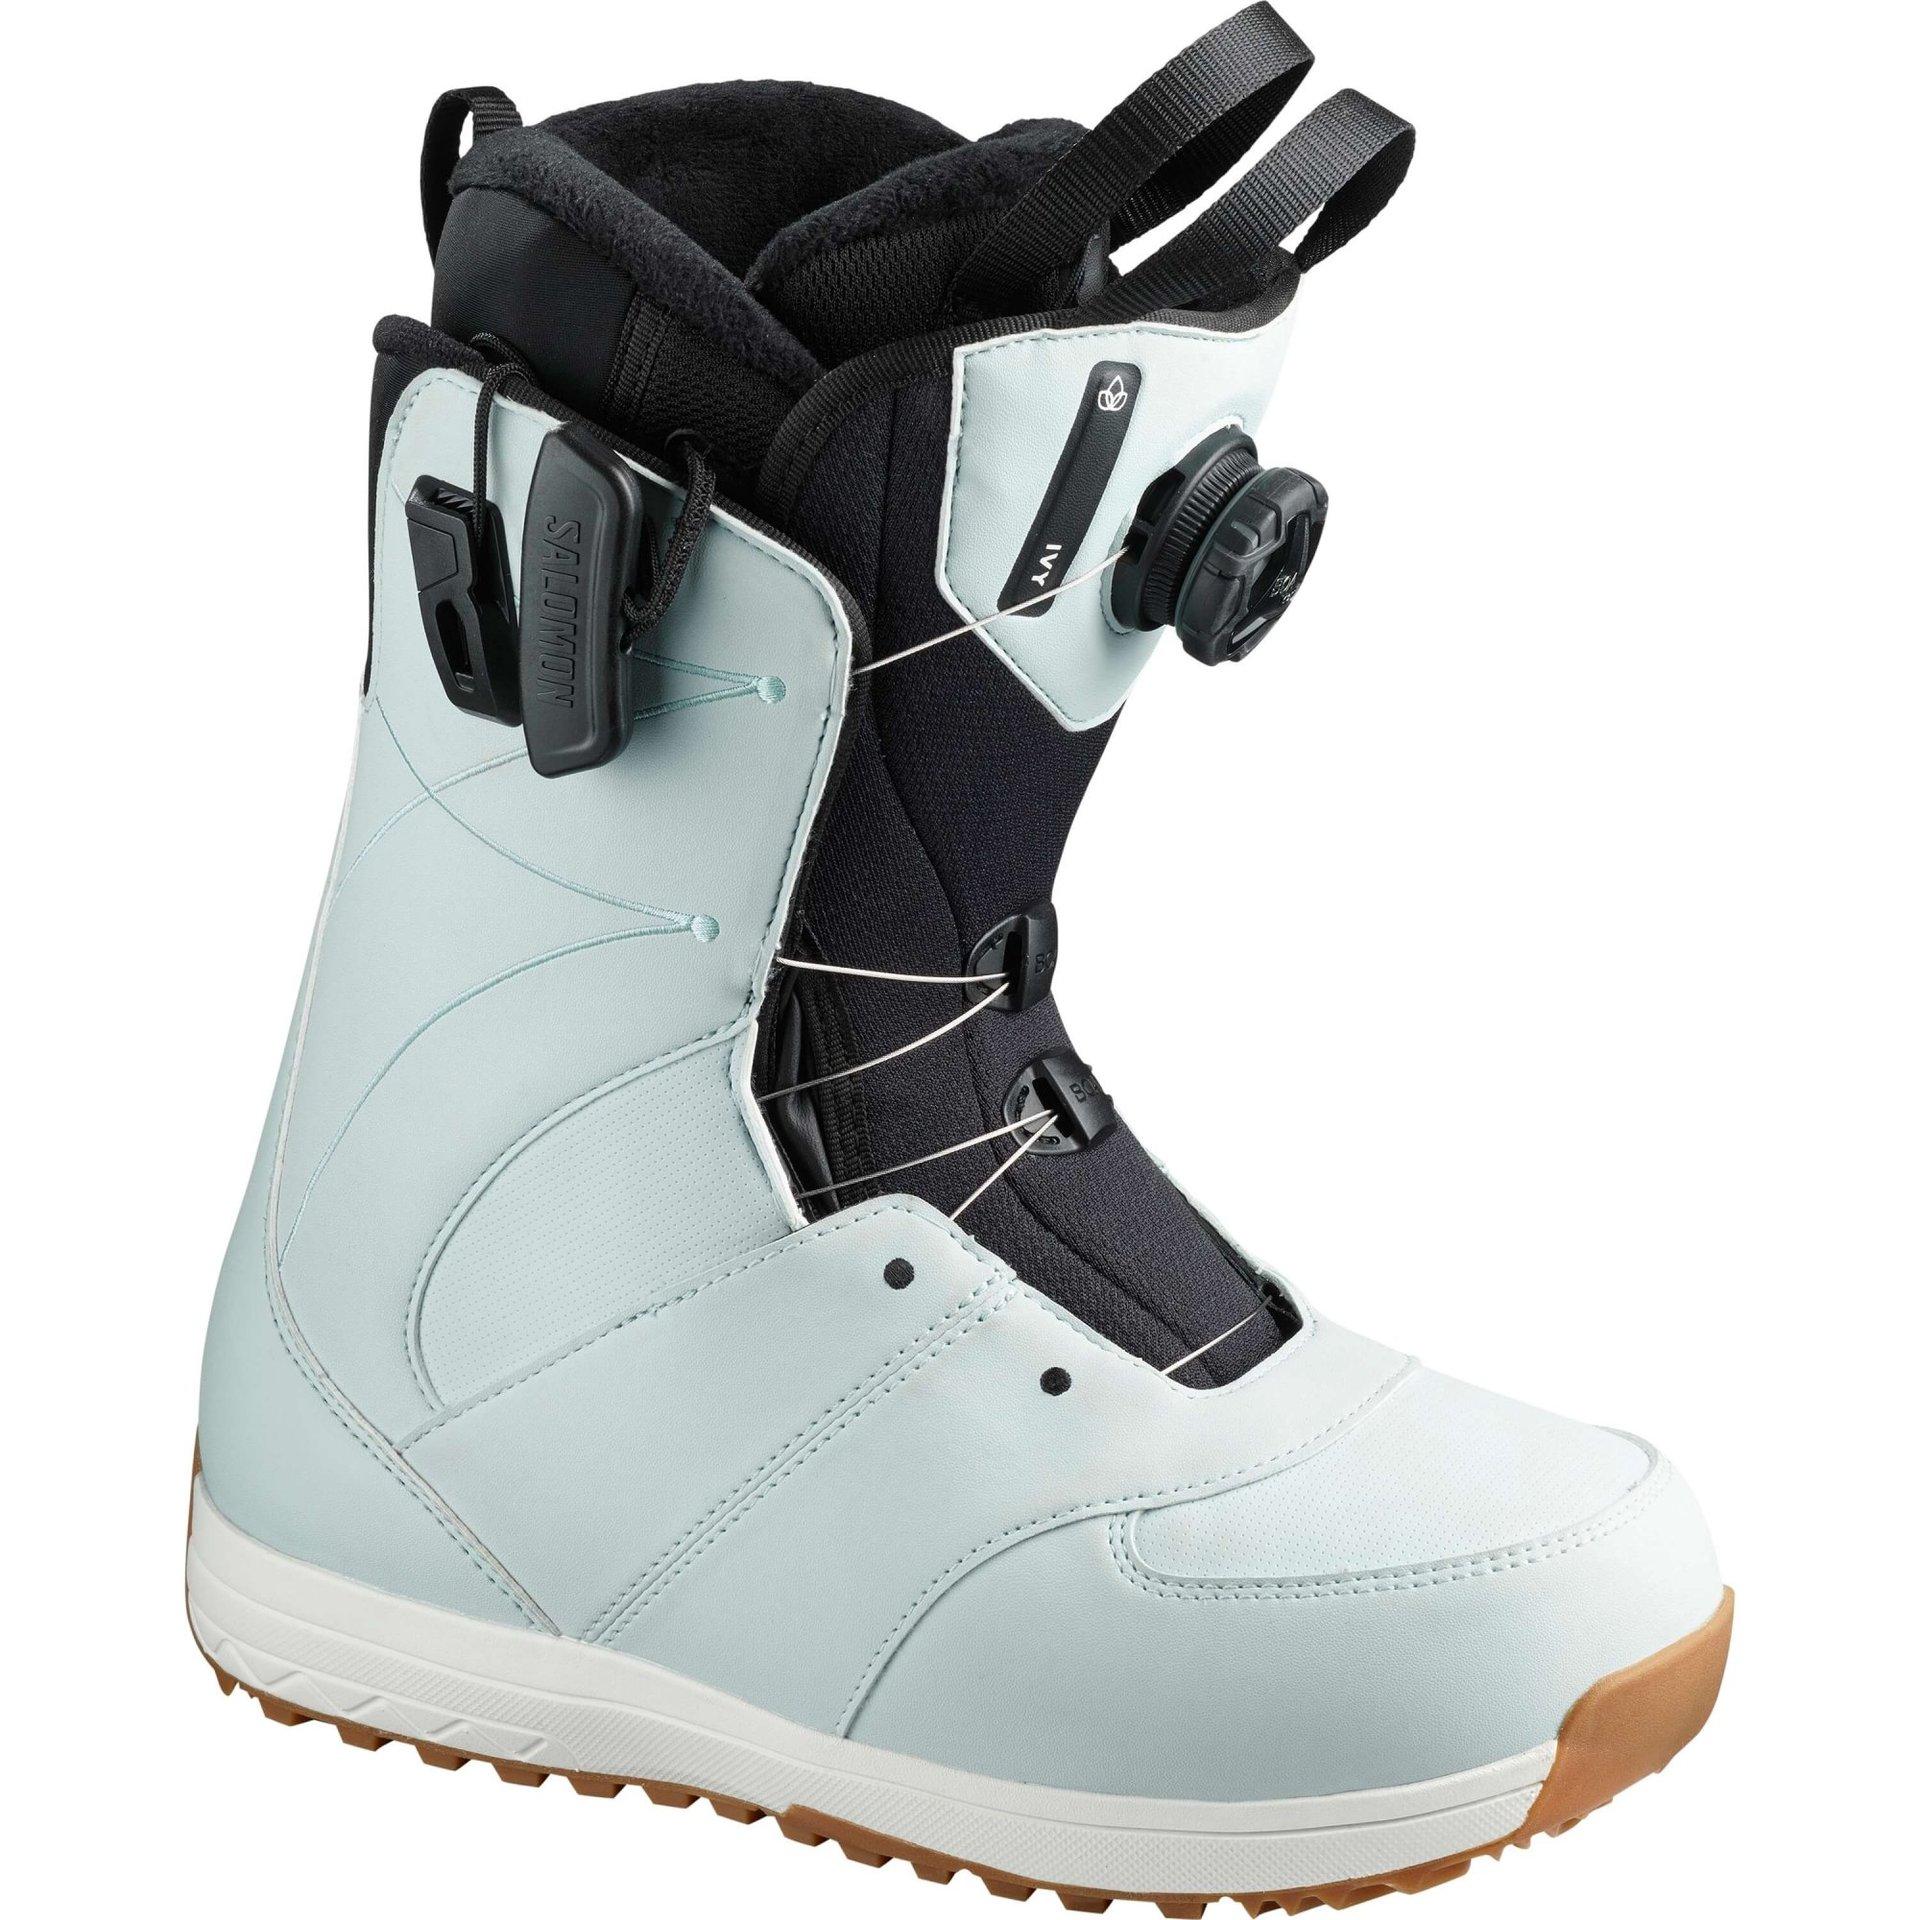 BUTY SNOWBOARDOWE SALOMON IVY BOA SJ STERLING BLUE L408268